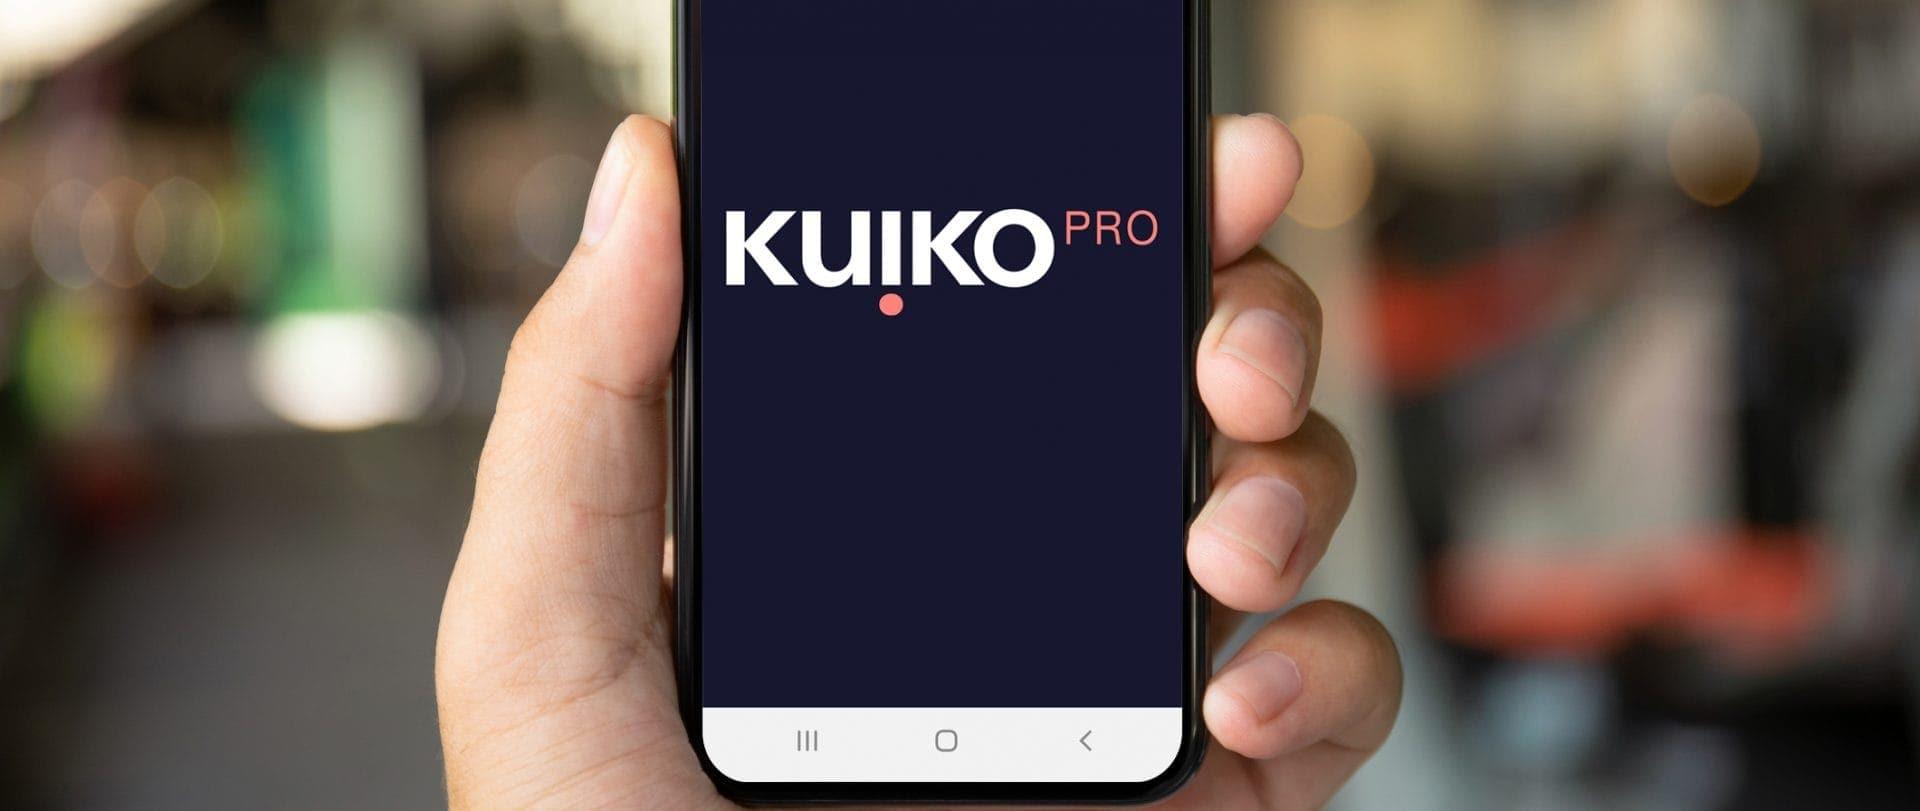 Imagen de una mano sujetando un movil con la app Kuiko Pro